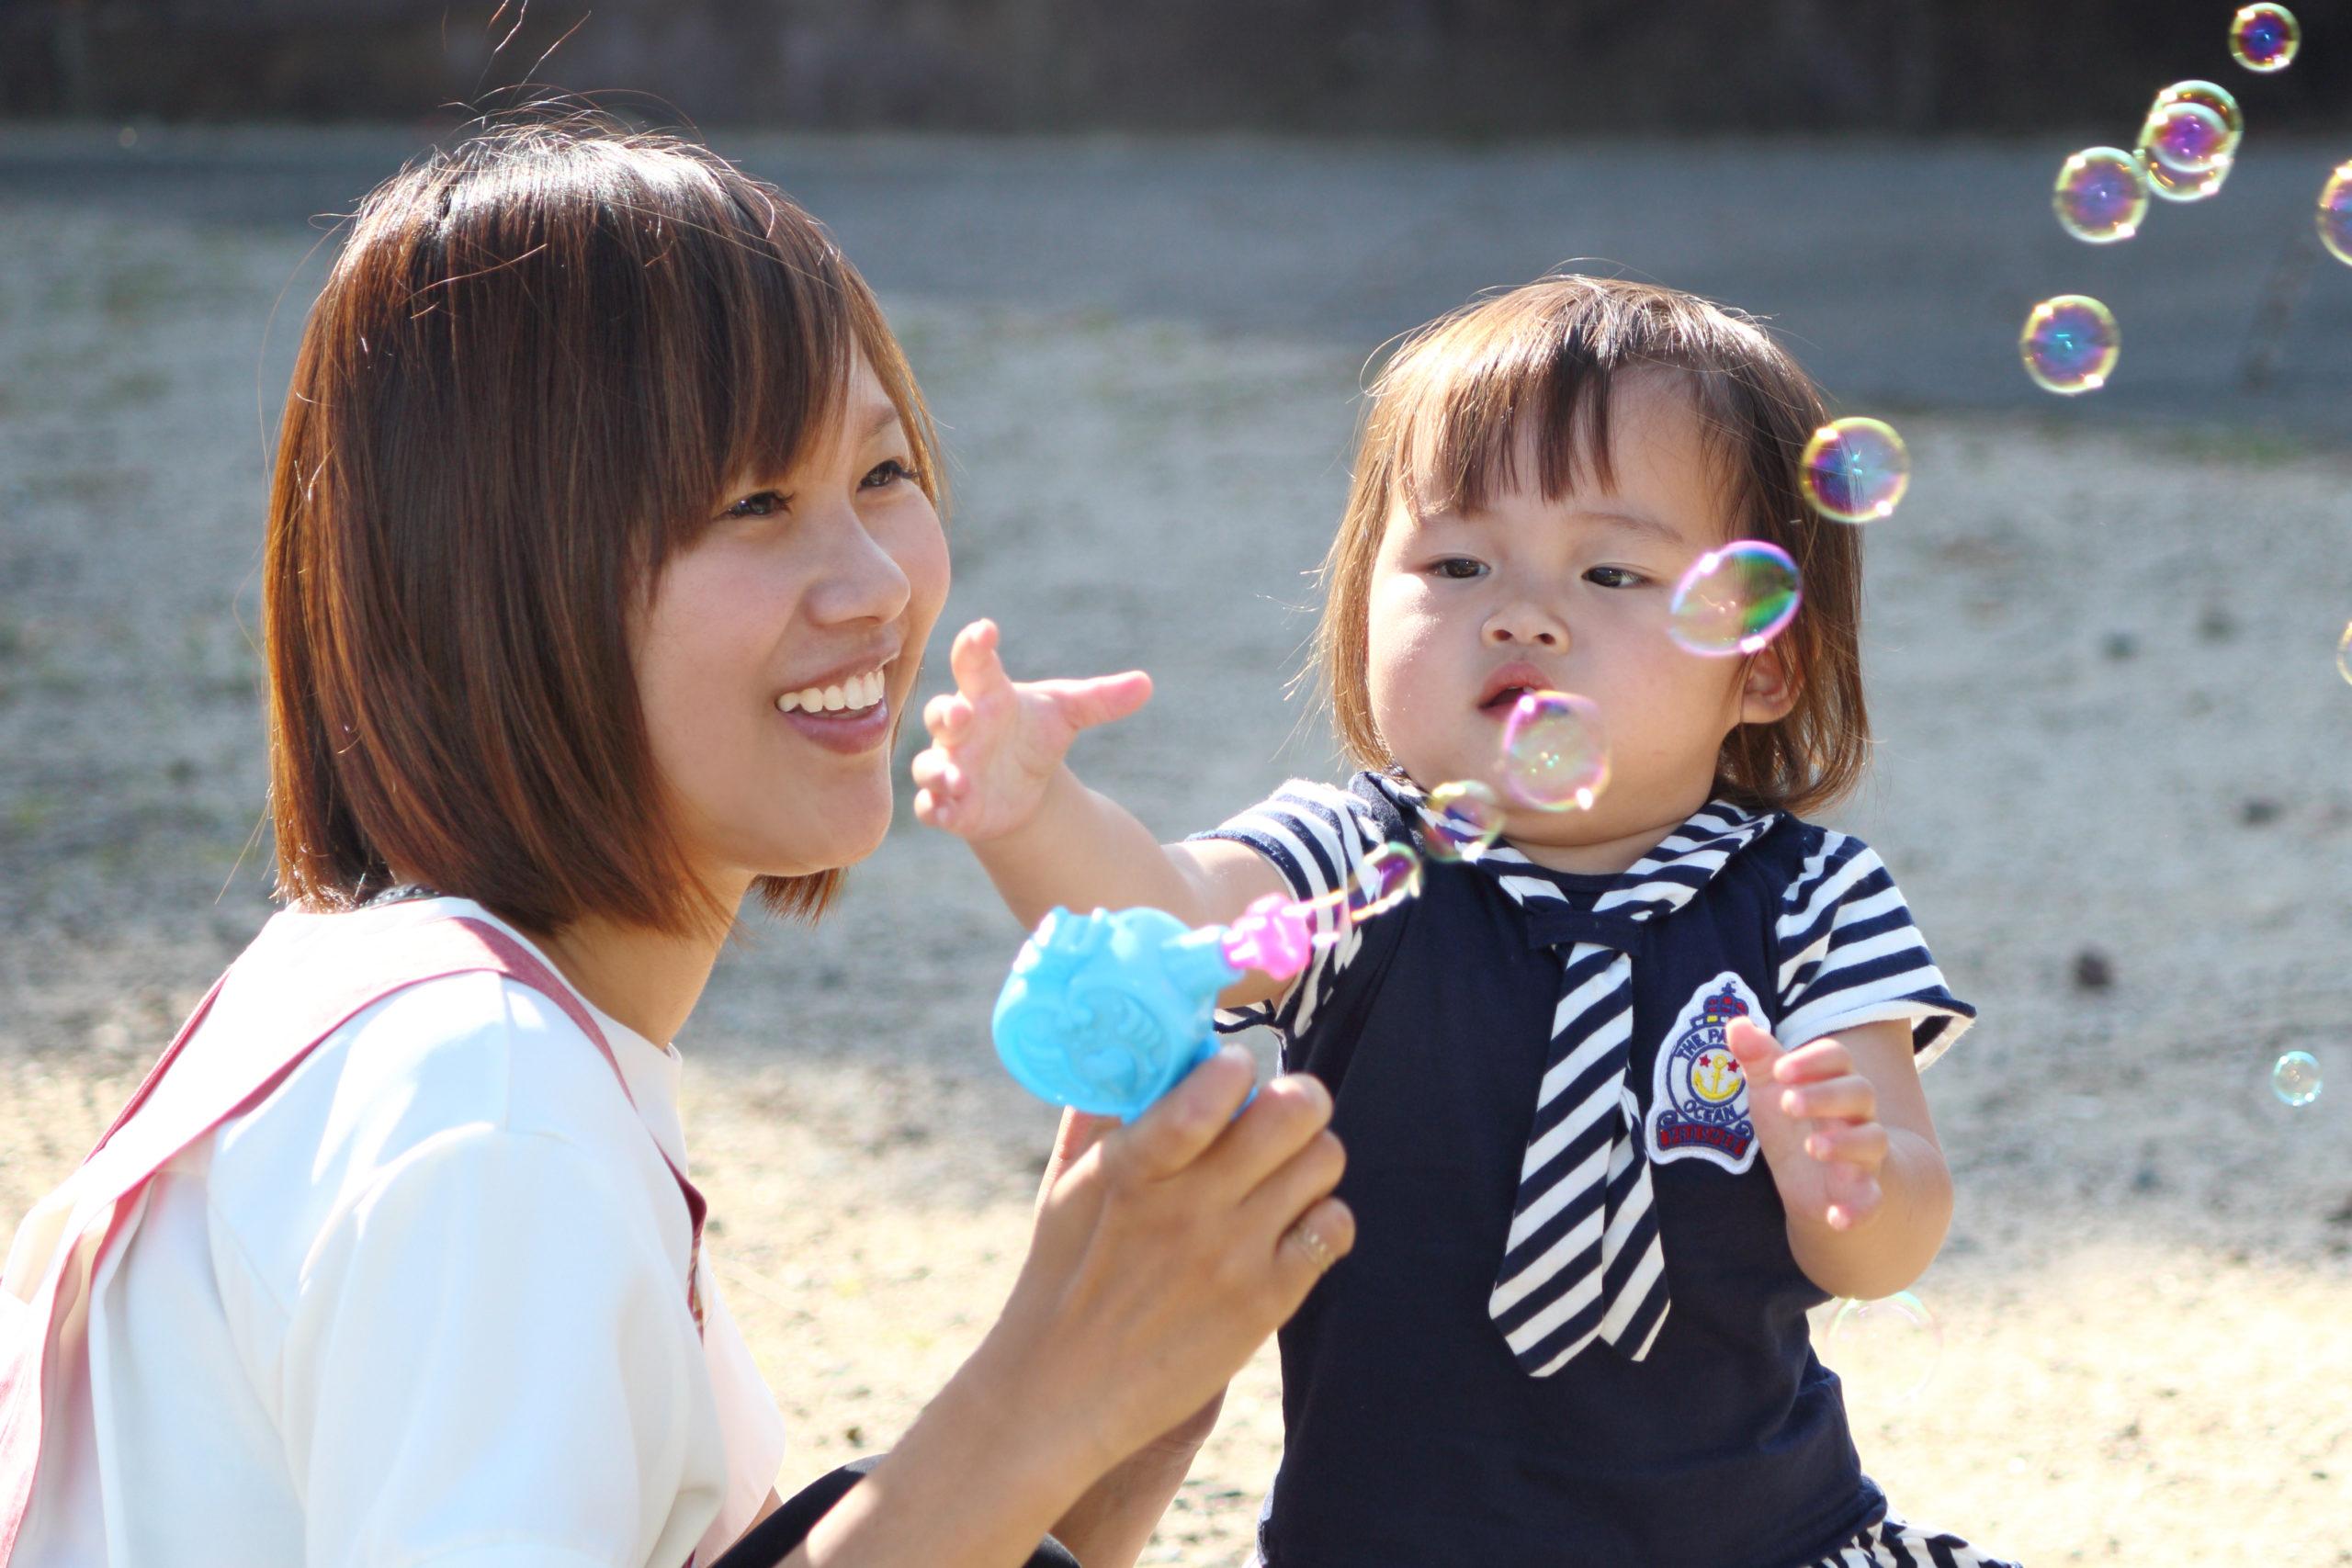 シャボン玉で遊ぶ保育士と子供